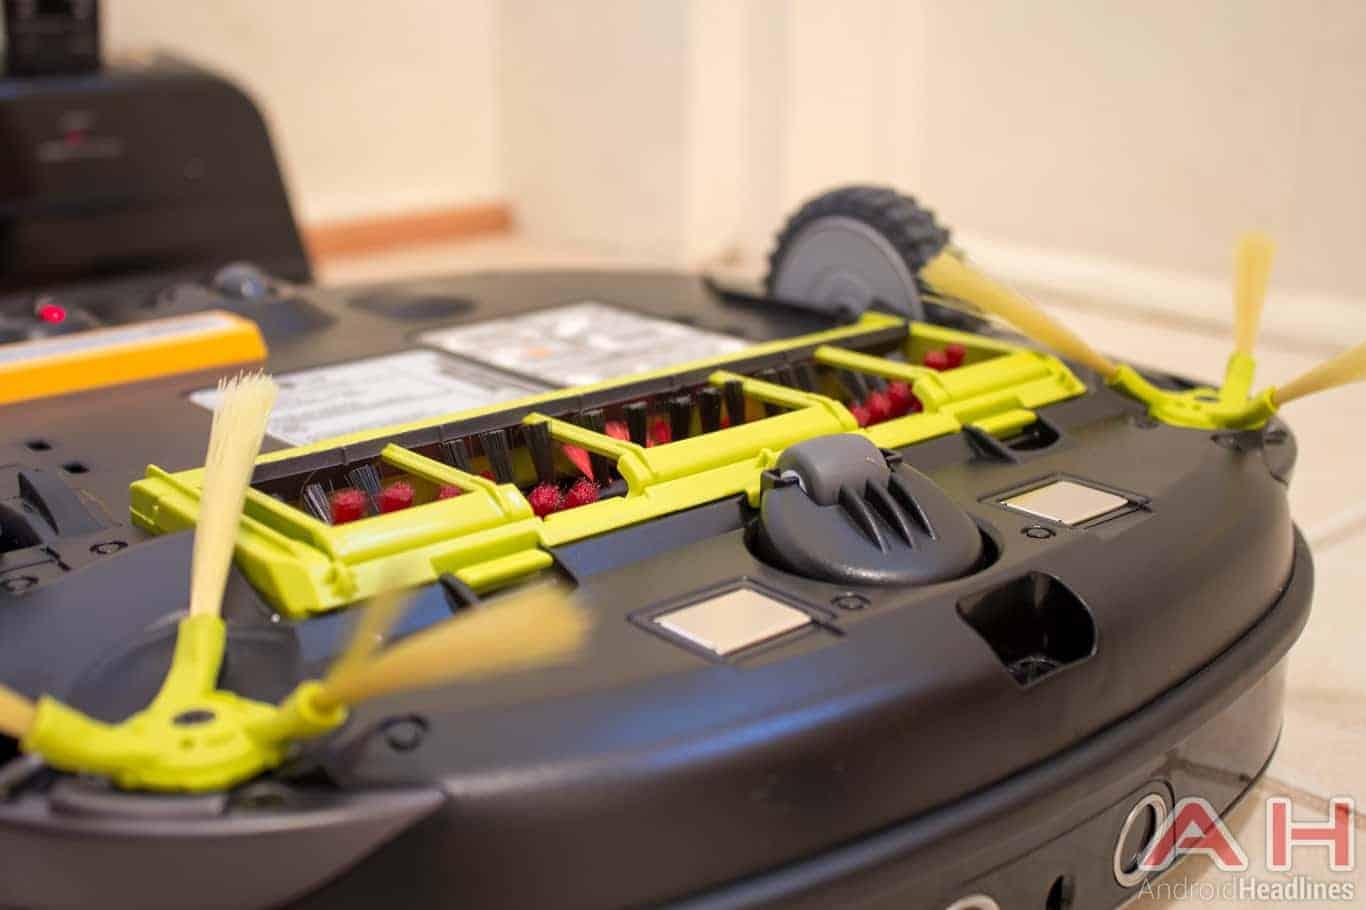 LG HomBot Turbo Plus AH NS 05